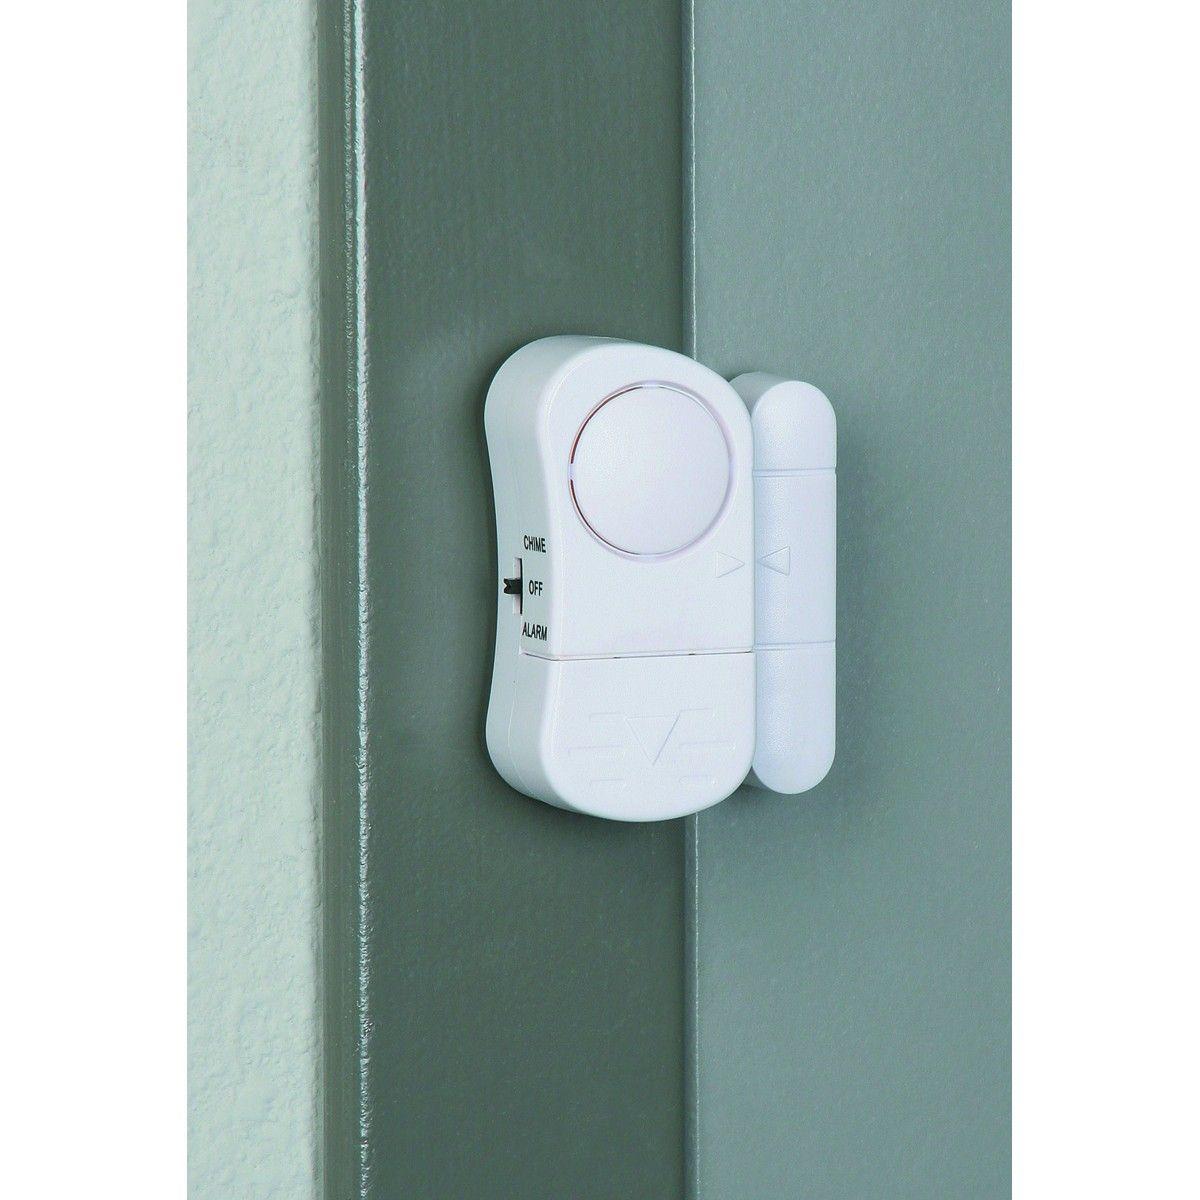 Bunker Hill Security 94983 Door/Window Entry Alarm